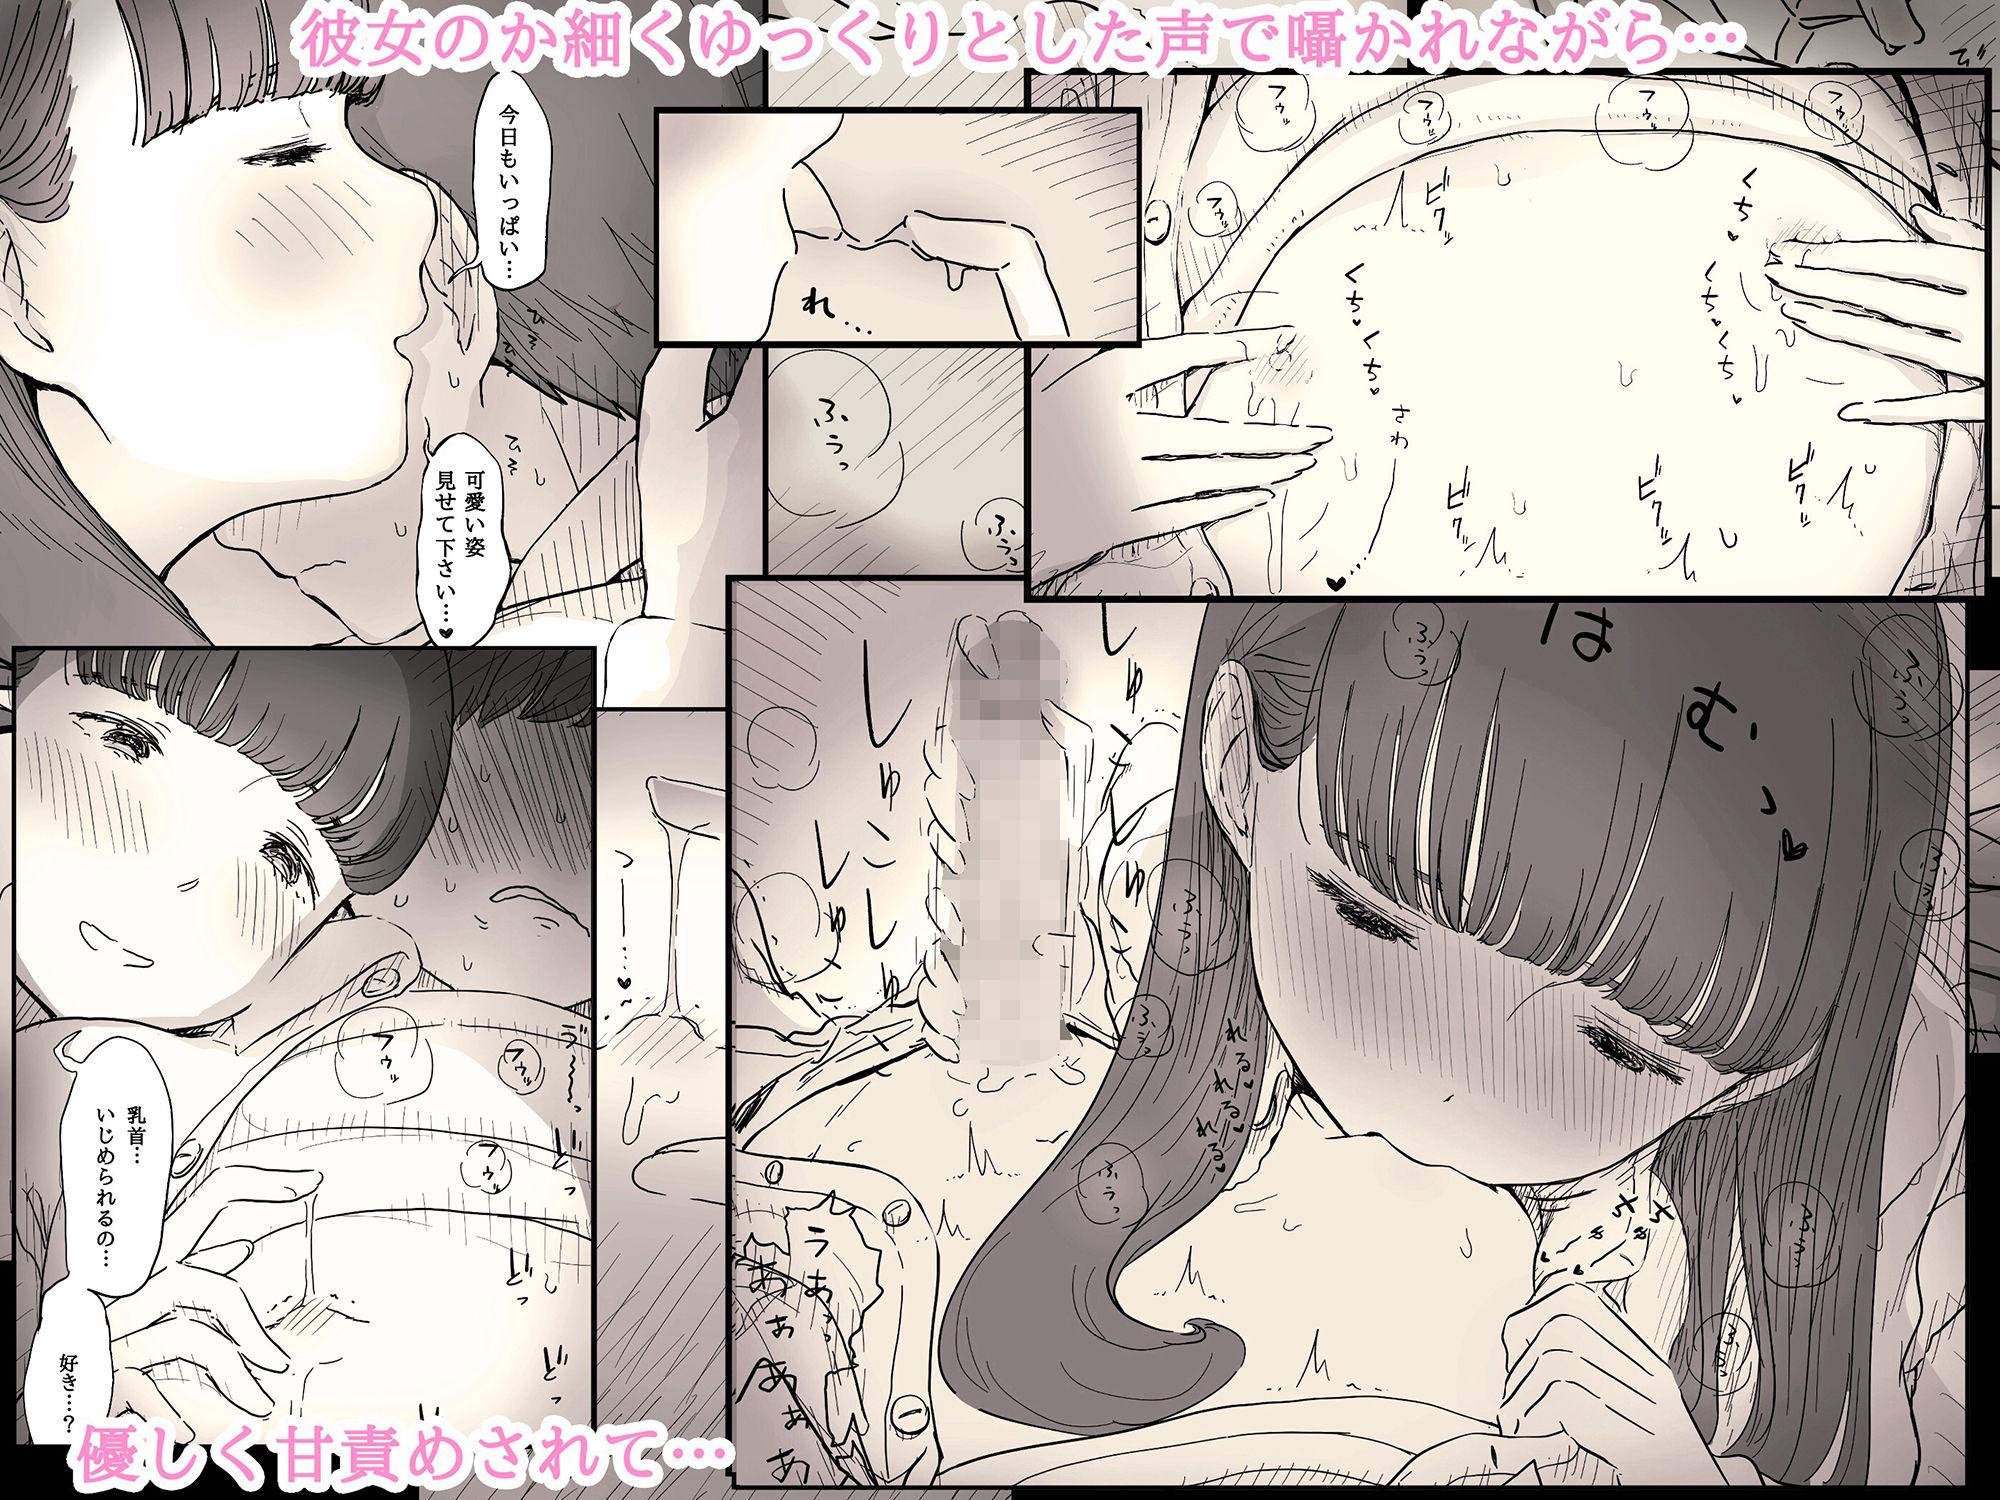 d_150811jp-002 童貞の俺氏...大人しい美少女に迫られ簡単に童貞を食べられてしまうwww【エロ漫画:文学女子に食べられる2:ひまわりのたね】